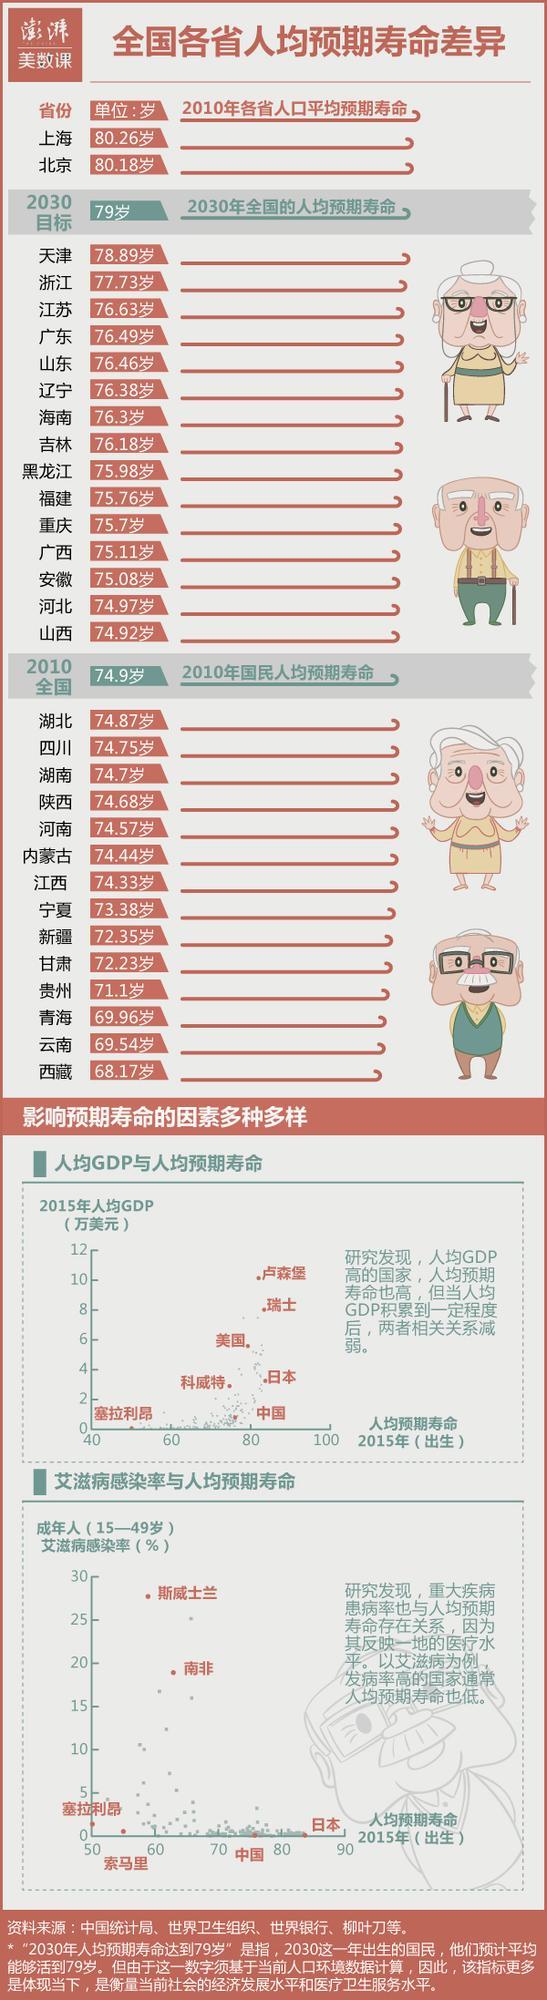 陕西人均预期寿命74.68岁 全国排名第21位